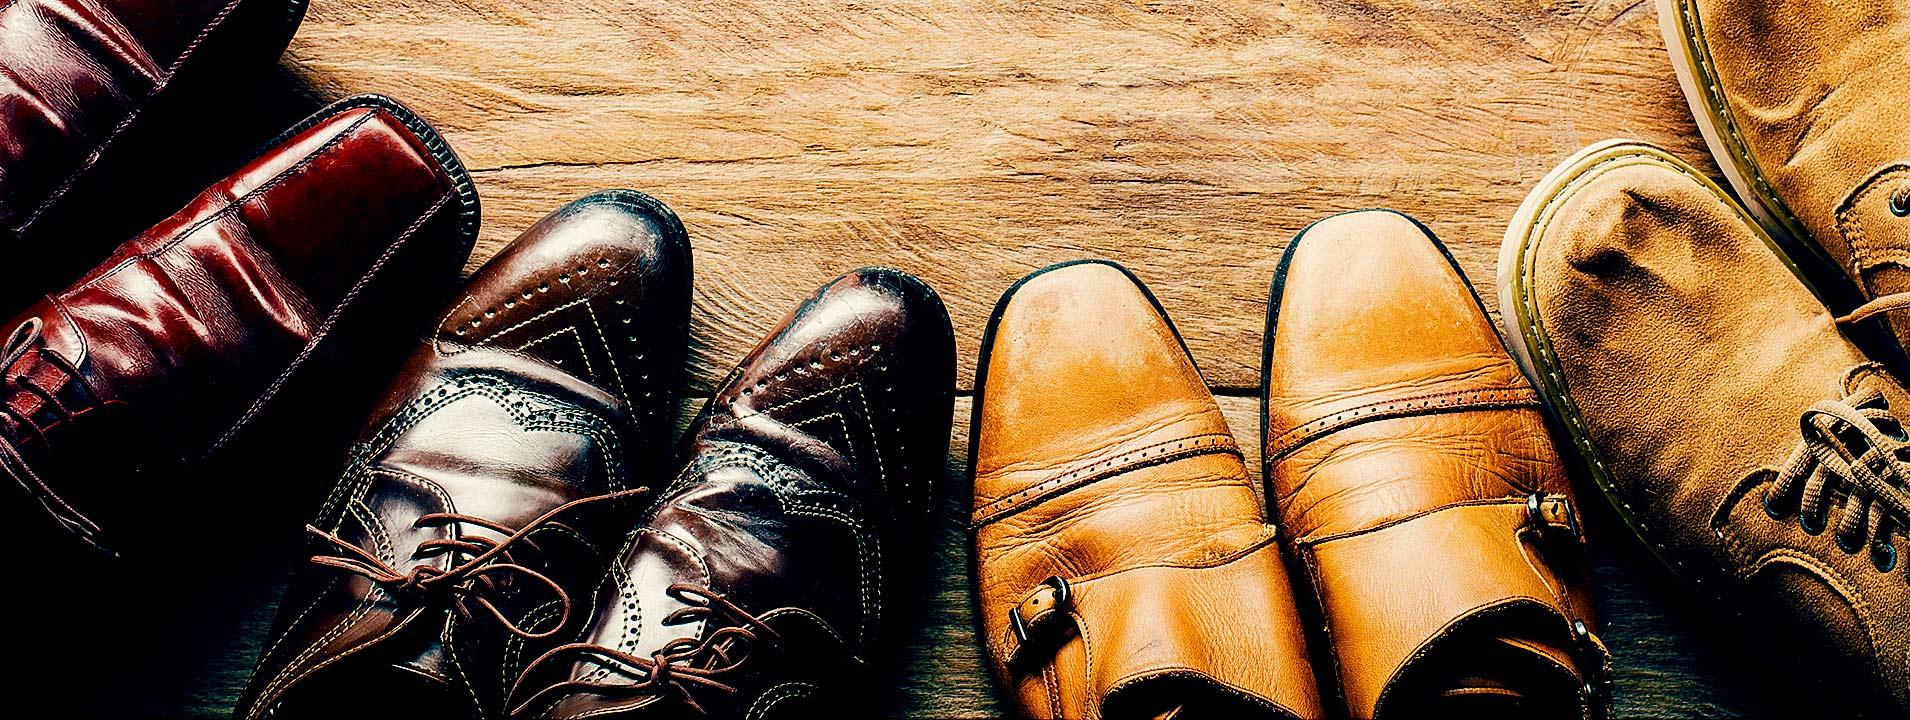 Shoe Repair Resole Center